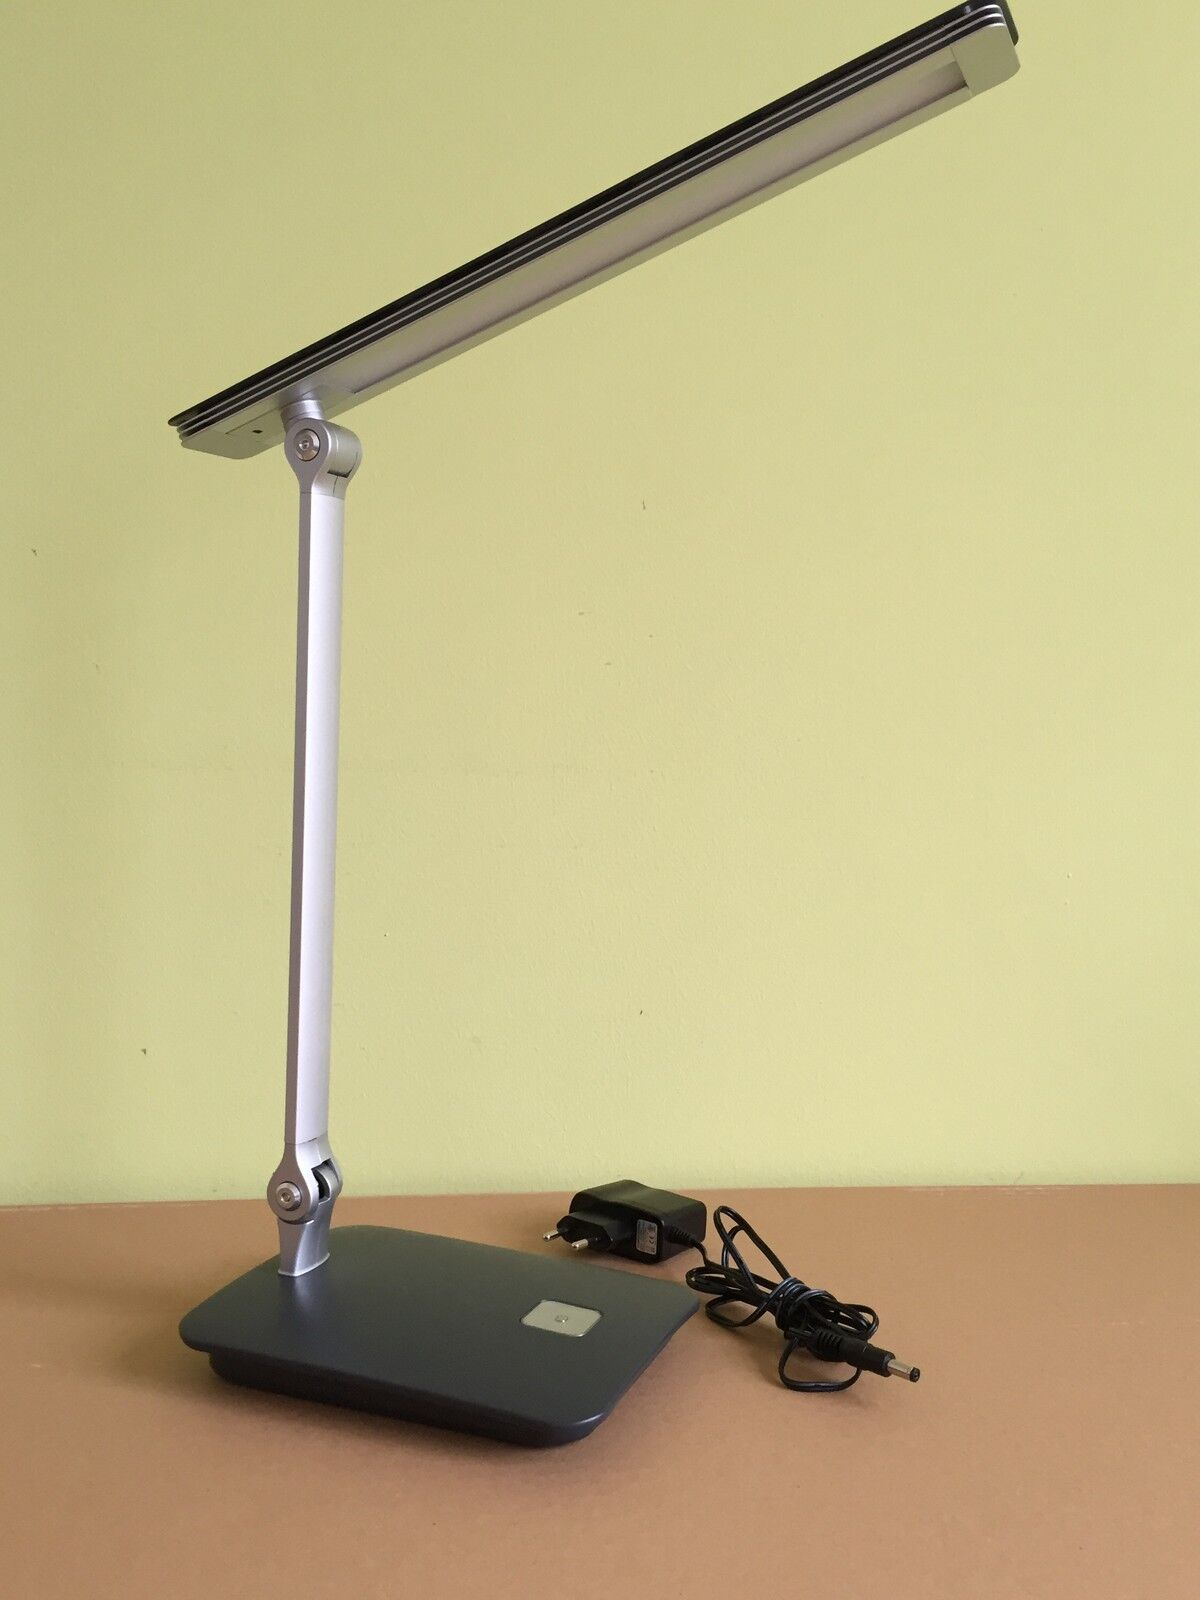 schreibtischleuchte led schreibtischlampe tischleuchte tischlampe dimmbar neu. Black Bedroom Furniture Sets. Home Design Ideas